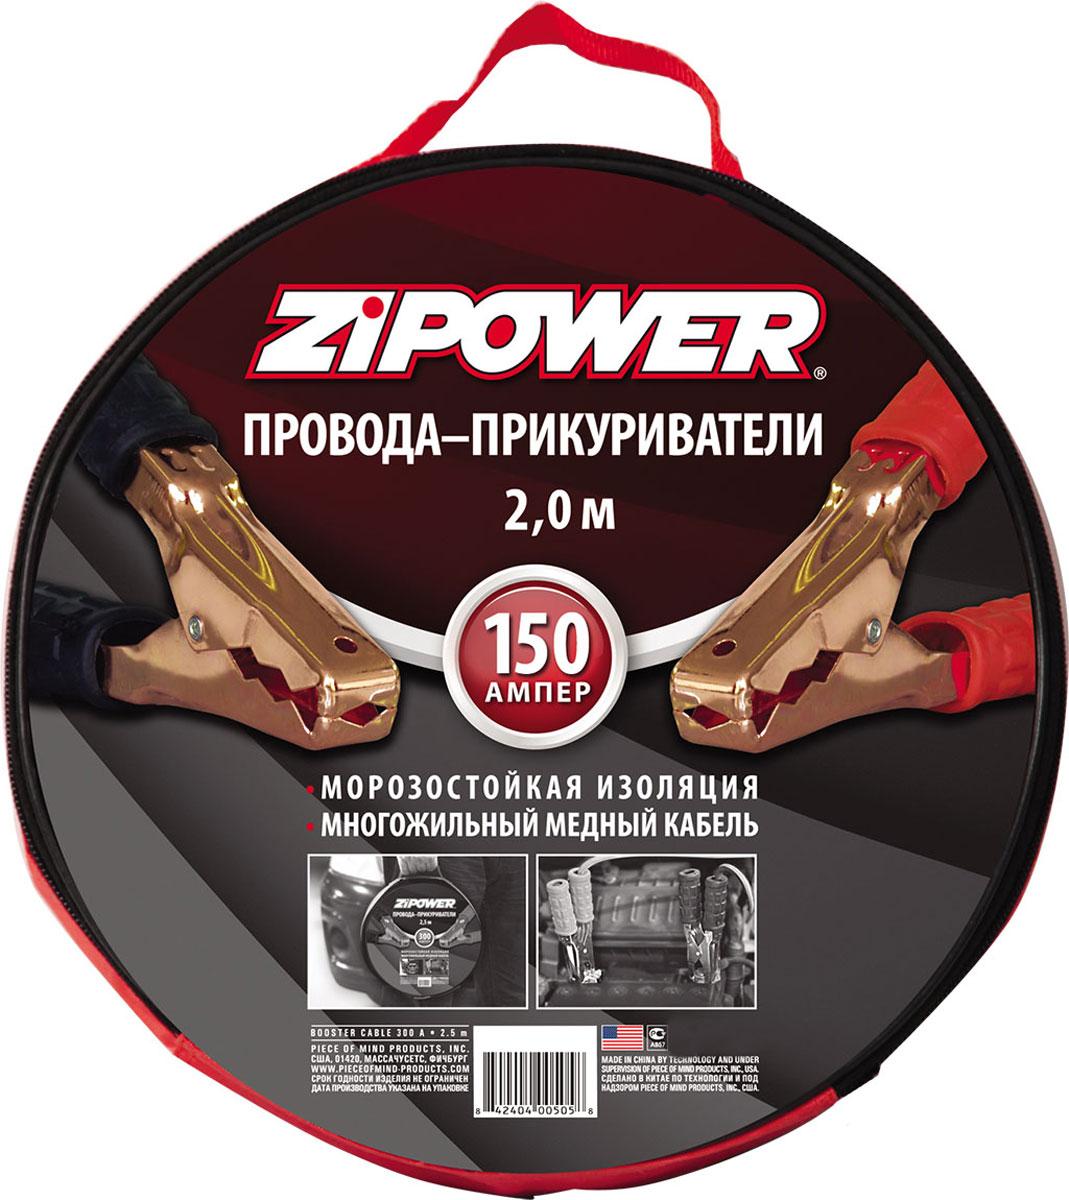 Провода прикуривателя Zipower, 150 А, 2 мPM 0503Провода прикуривателя Zipower изготовлены из многожильного медного провода с двойной морозостойкой изоляцией и отвечают всем необходимым стандартам. Они обеспечивают уверенный запуск двигателя от аккумулятора другого автомобиля. Благодаря высокому качеству провода прослужат много лет. Многожильный медный провод с двойной морозостойкой обмоткой гарантирует высокую надежность. В комплекте удобная сумка для переноски и хранения. Длина: 2 м. Сила тока: 150 А.